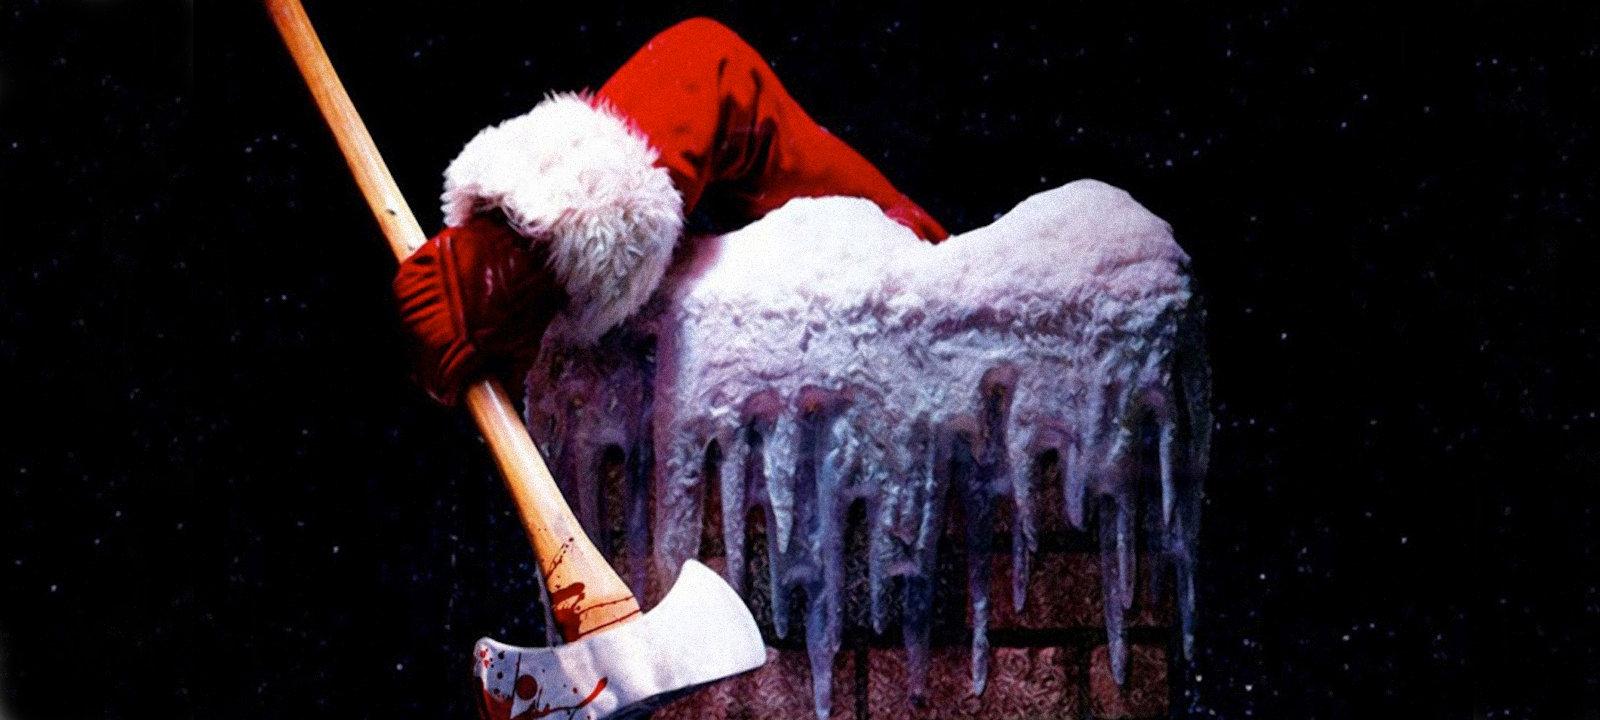 ][-детектив: целевая атака на Сбербанк. Раскрываем подробности АРТ «Зловредный Санта-Клаус»